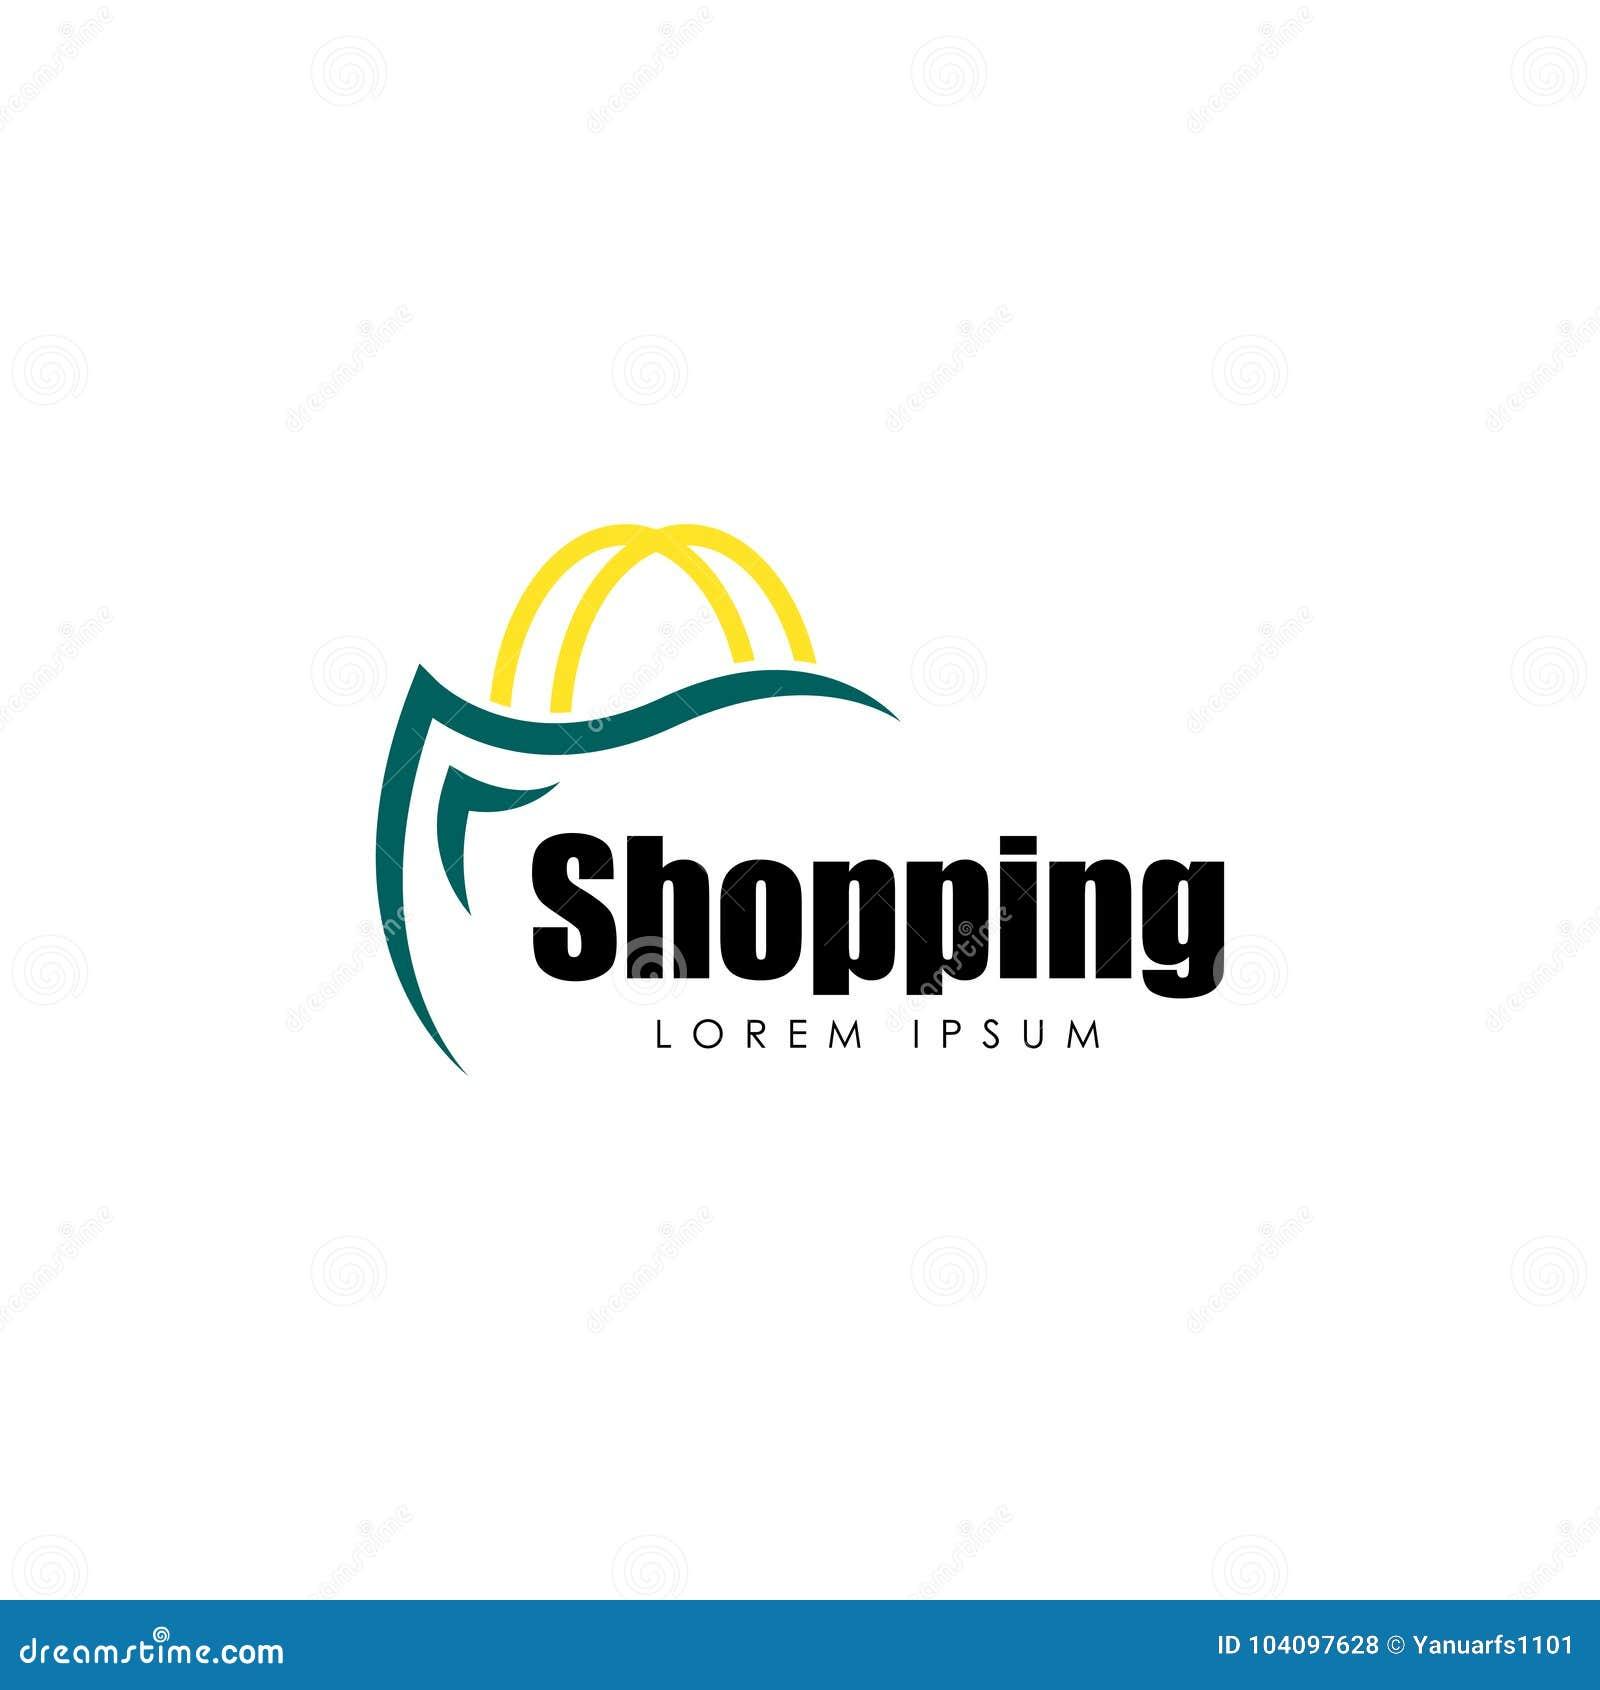 Shopping Logo Vector Art. Template. Business